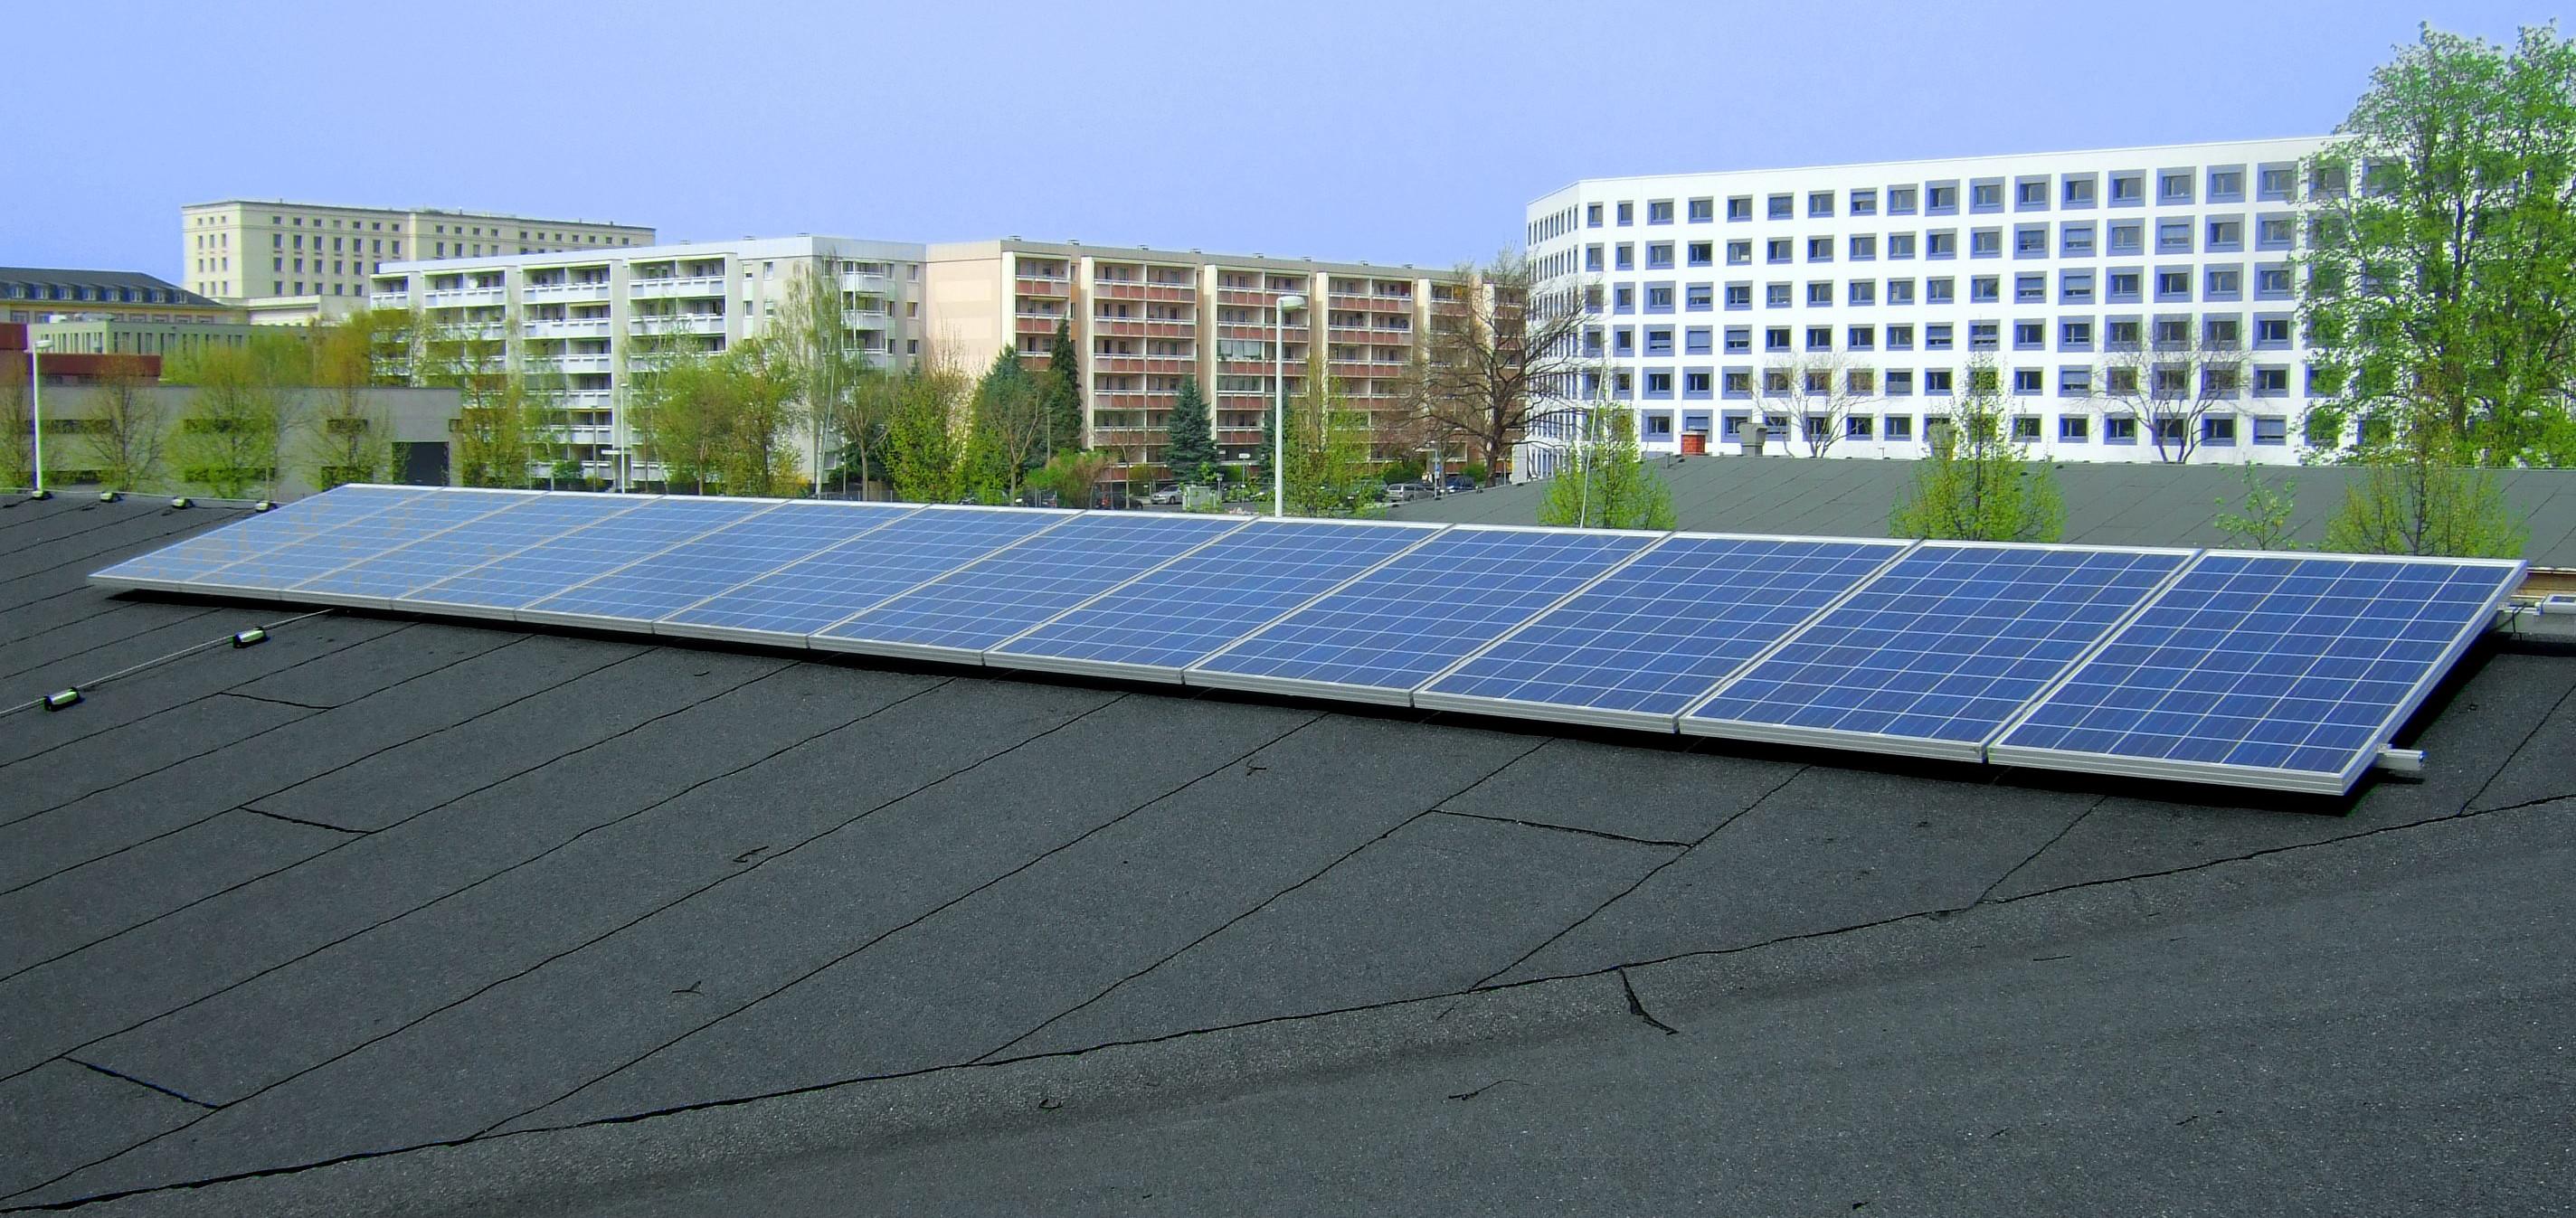 Messtechnische Untersuchungen und Datenerfassung an einer Solaranlage